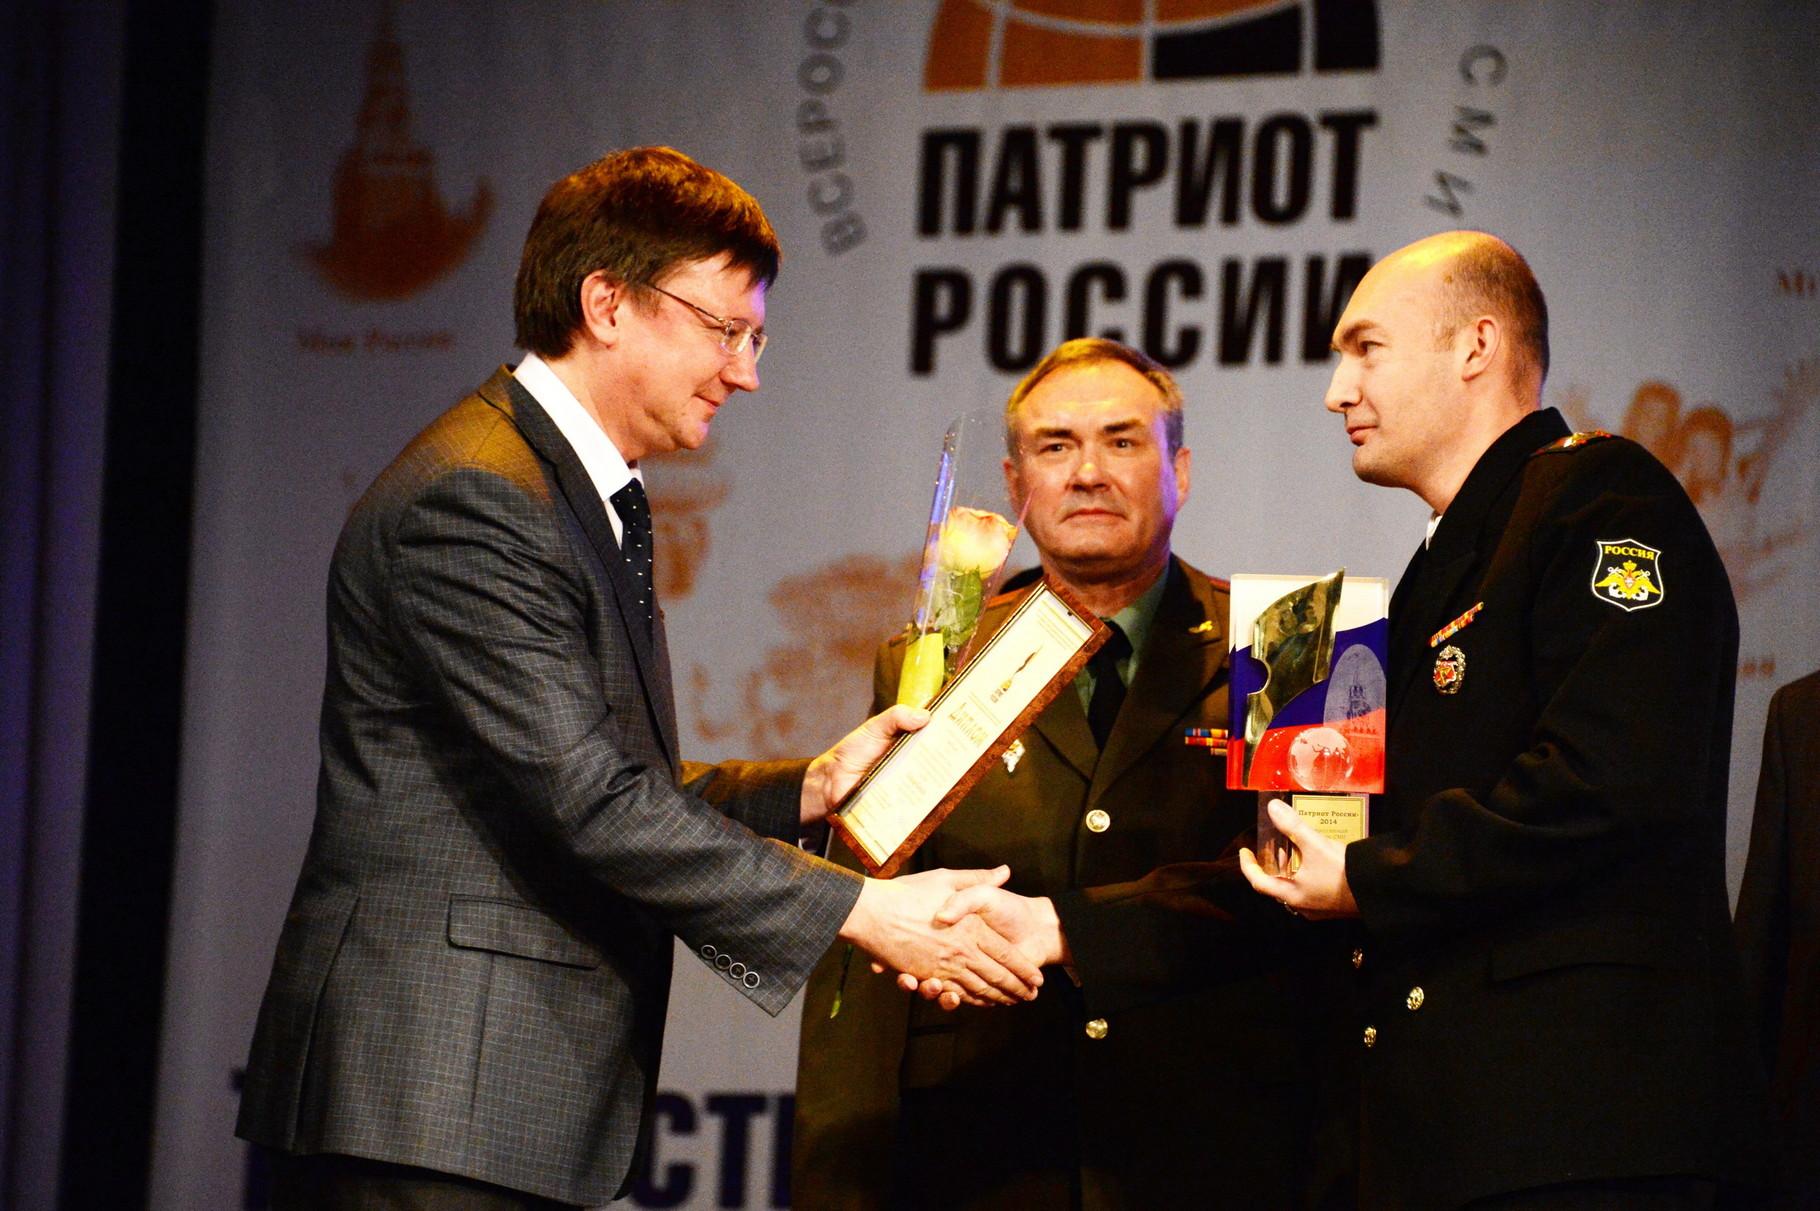 Игорь Южанинов и Николай Акбердин вручают главный приз Владимиру Кикнадзе. Фото Павла Герасимова